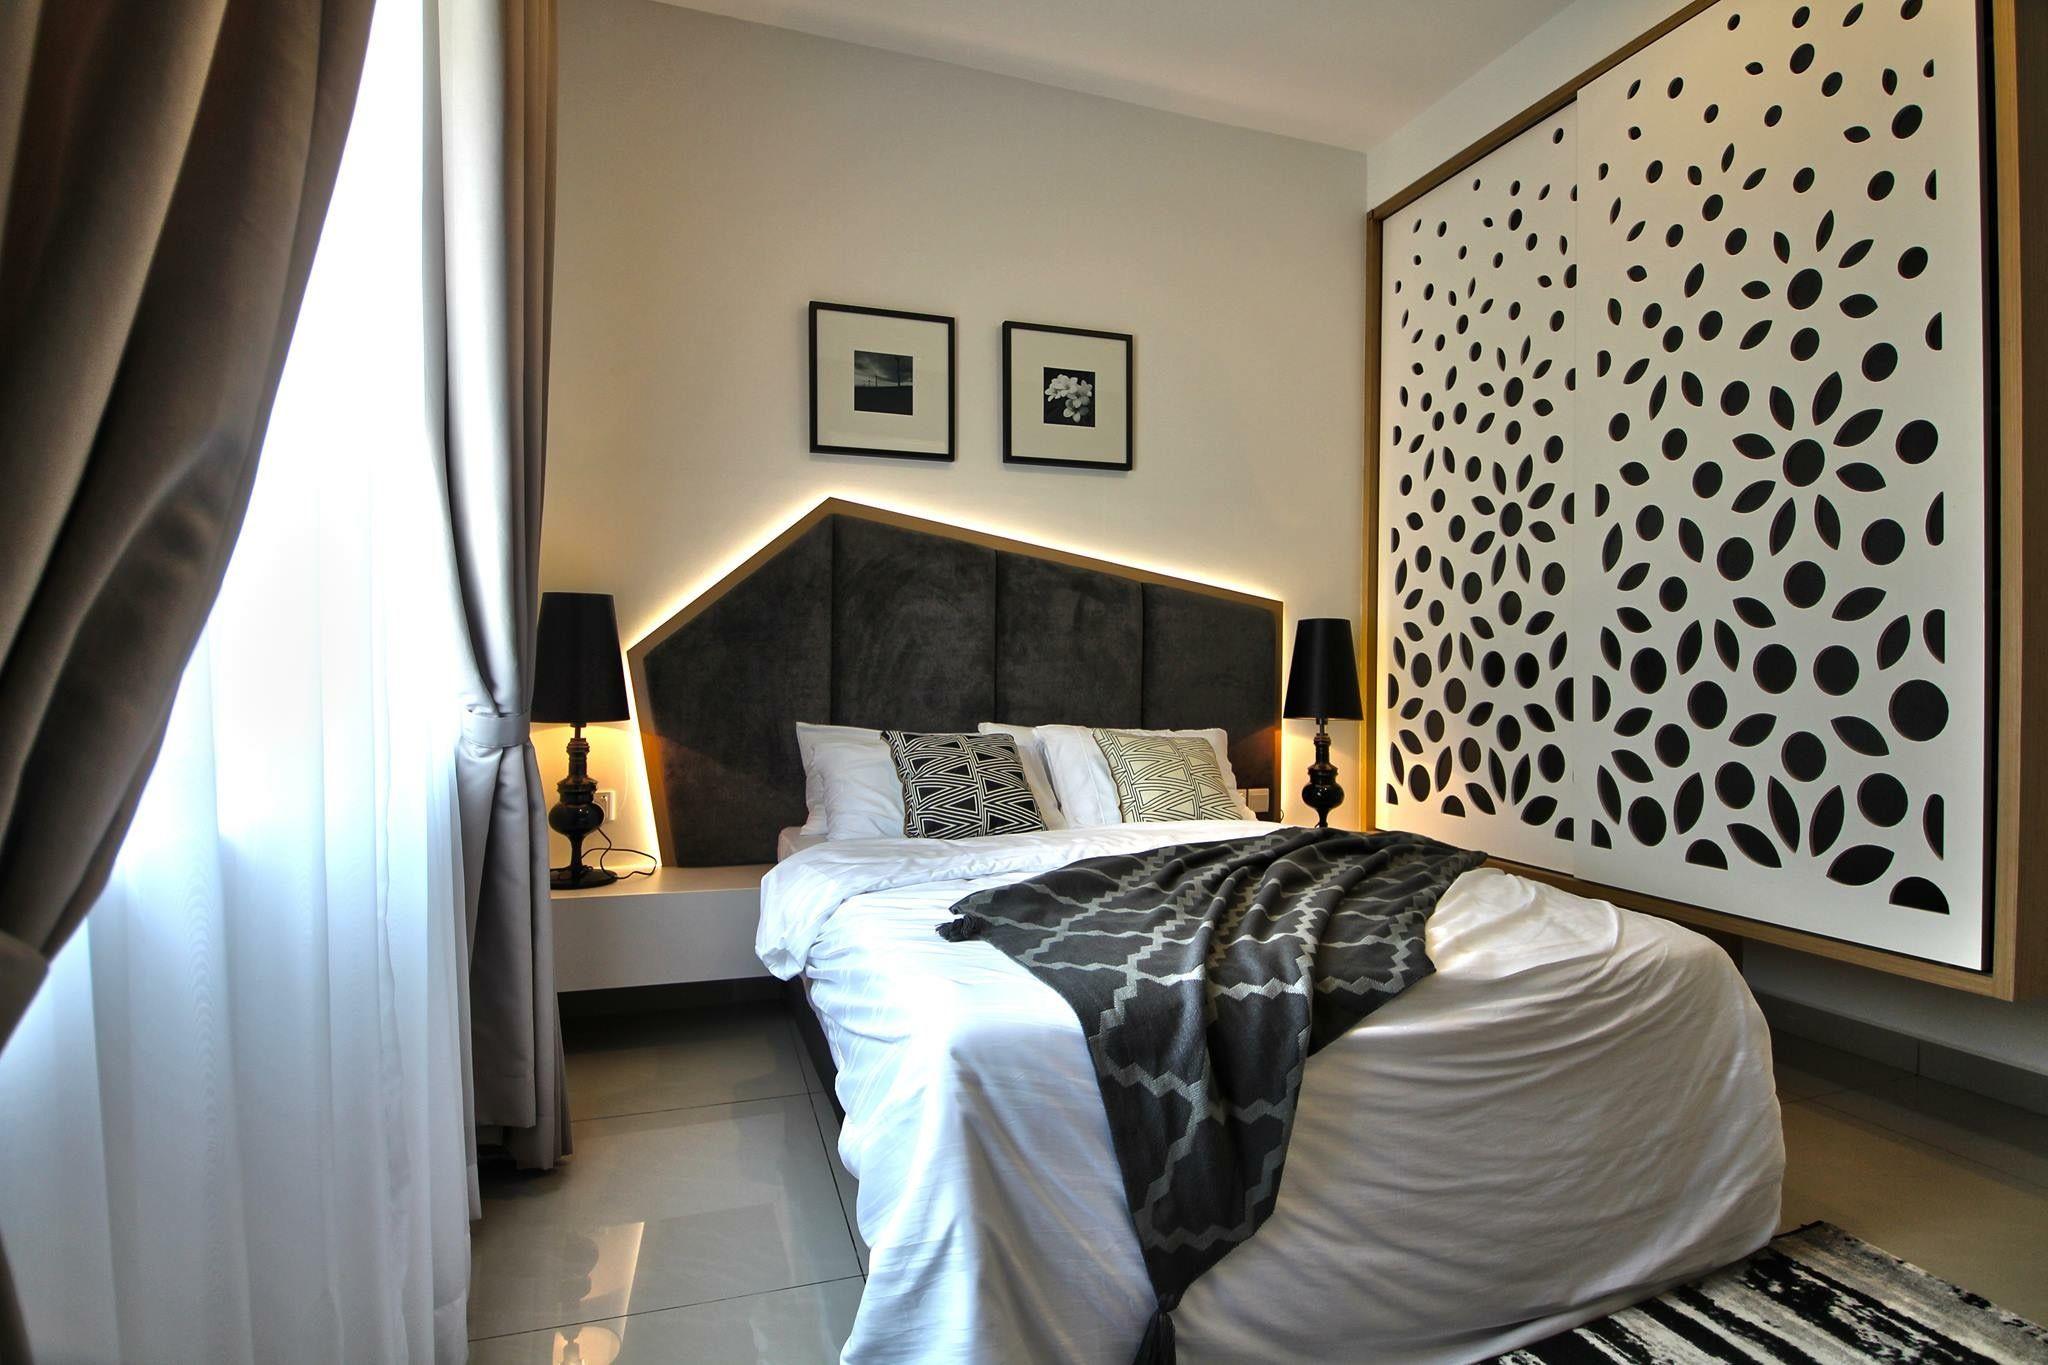 Bedroom Designs, Bedroom Ideas, Dividers, Kids S, Bedrooms, Master Bedroom